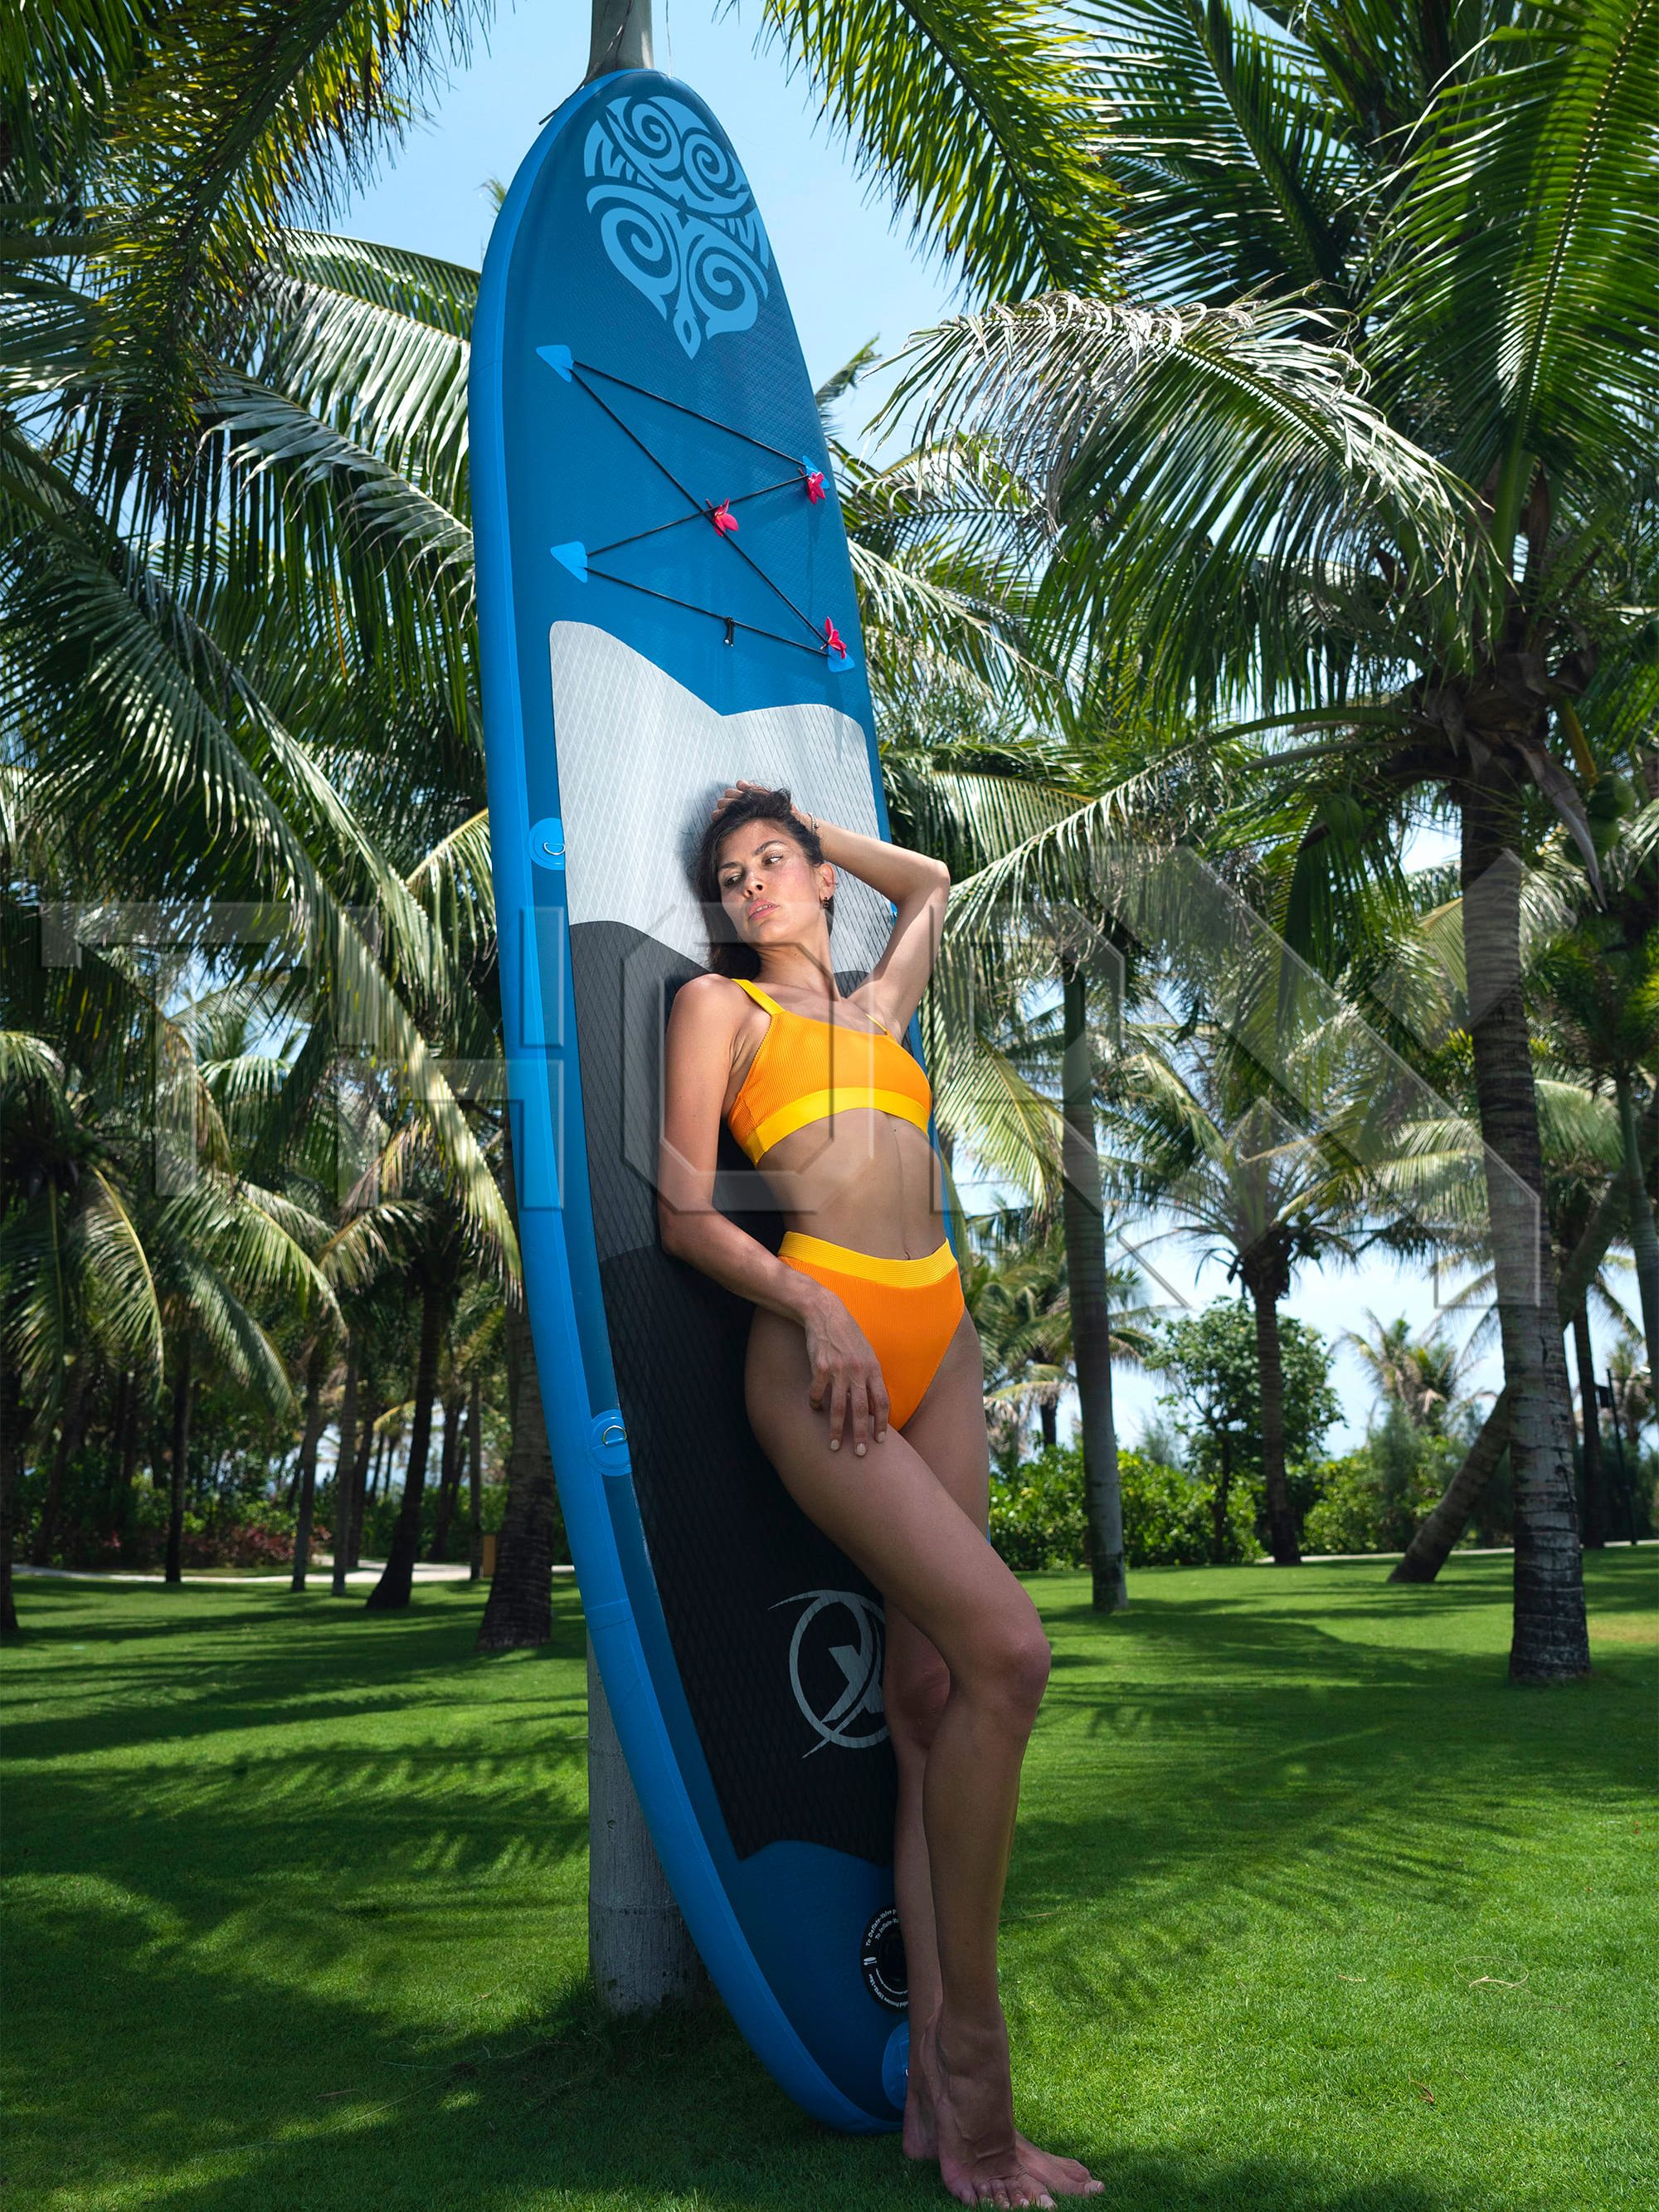 SUP330 330x76x15 см, надувная SUP доска. Доска для серфинга, сумка, весло, плавник, насос, ремонтный комплект, поводок для ноги.